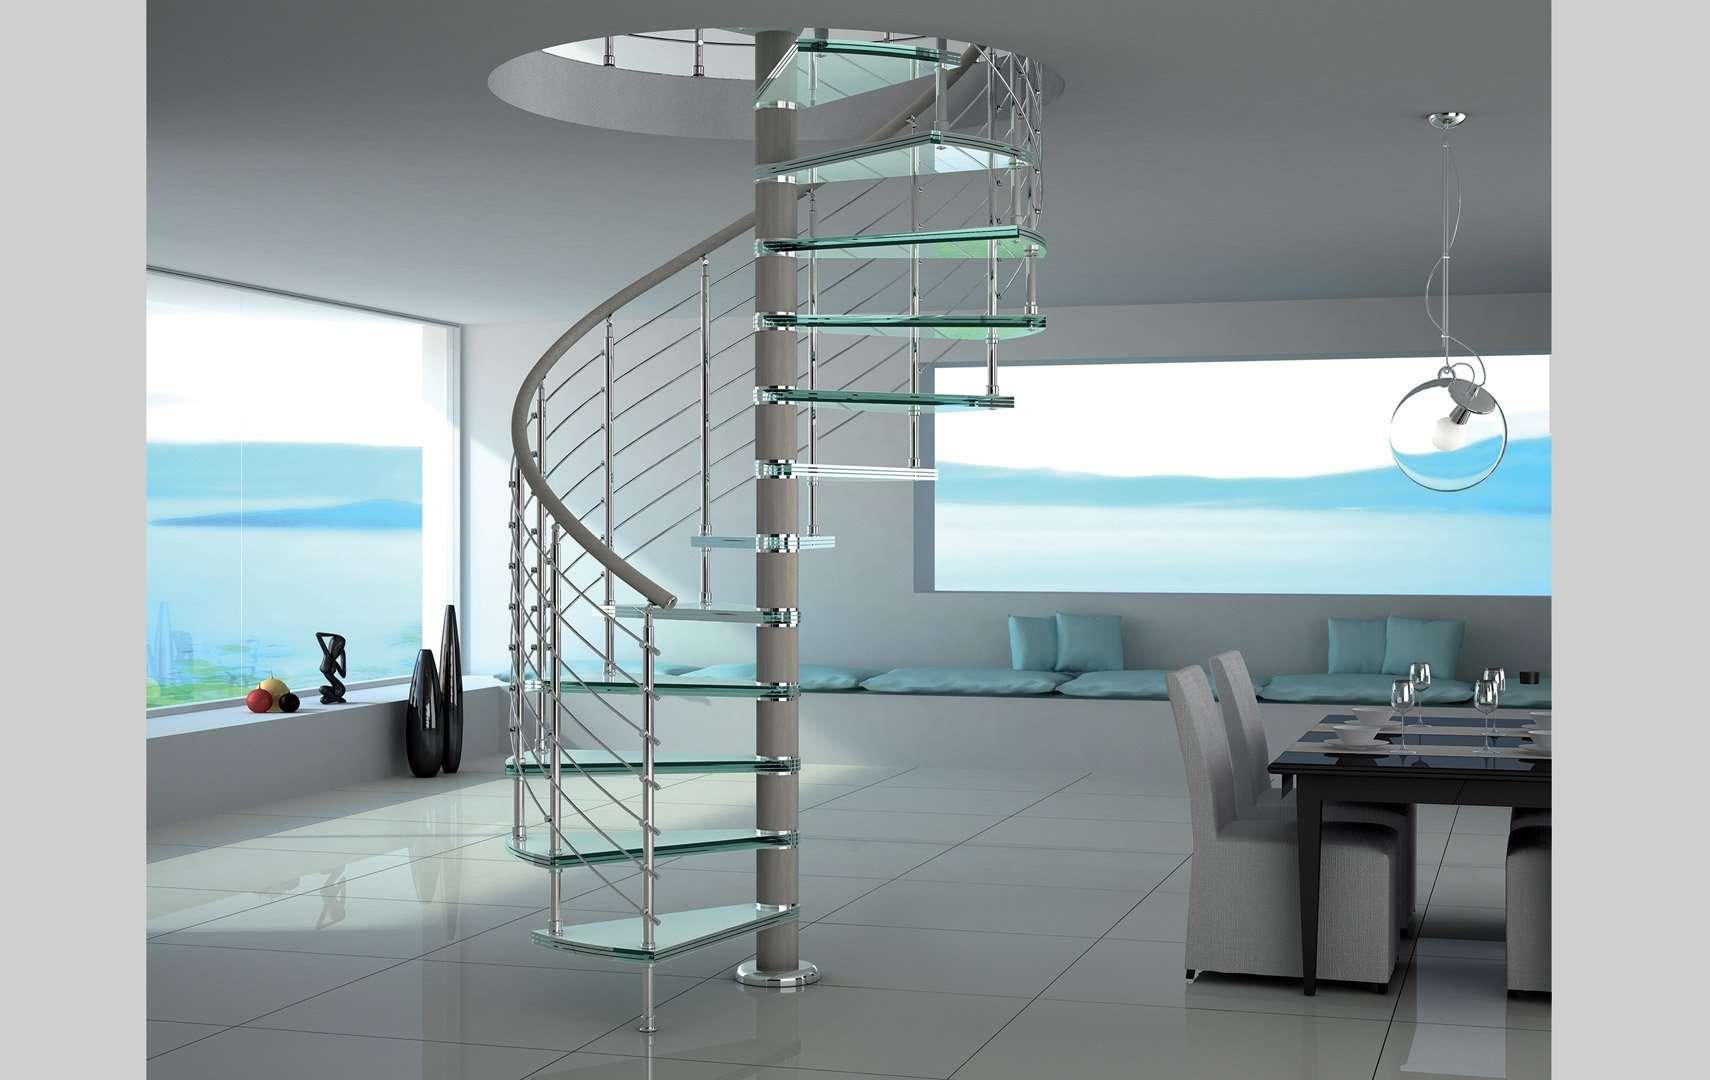 Diable_glassl Escaleras Italianas Escaleras De Design  ~ Dimensiones Escalera De Caracol